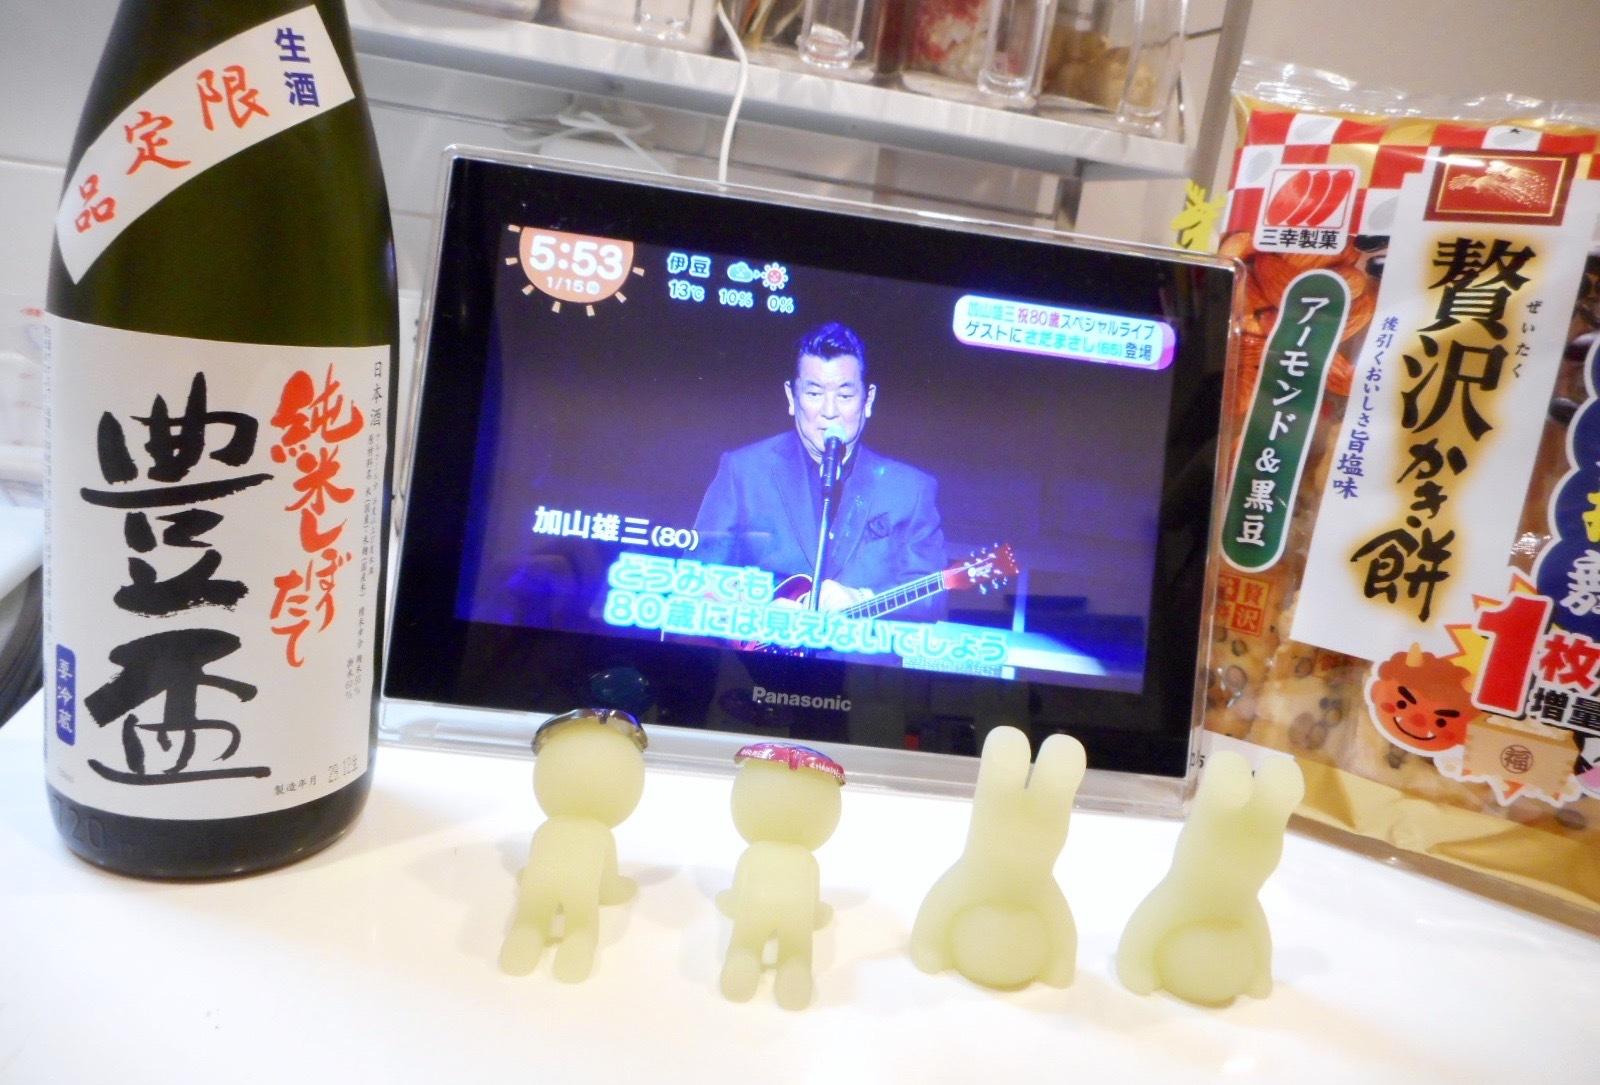 houhai_shiboritate29by1.jpg